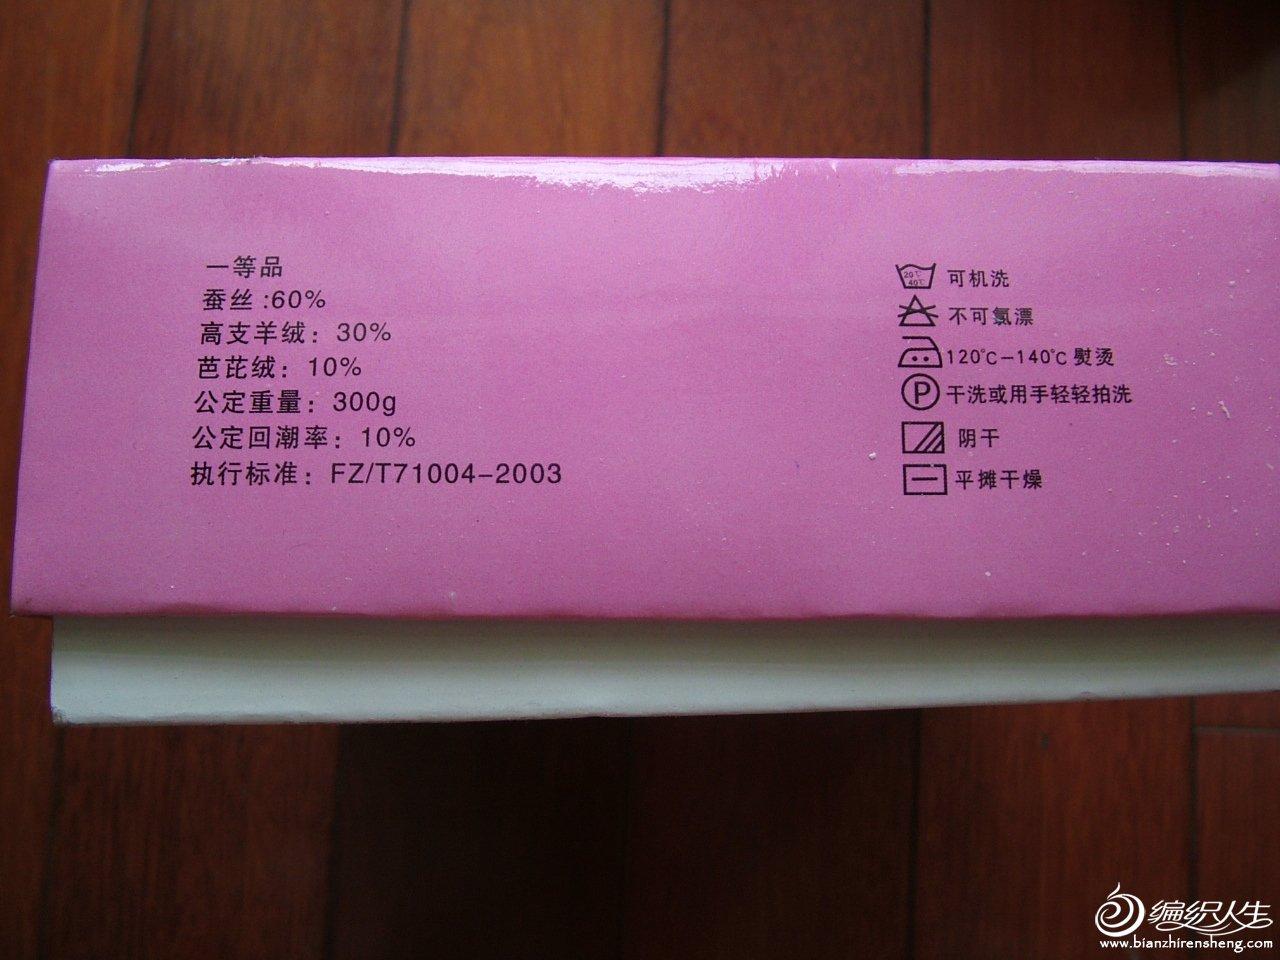 DSCF6832.JPG